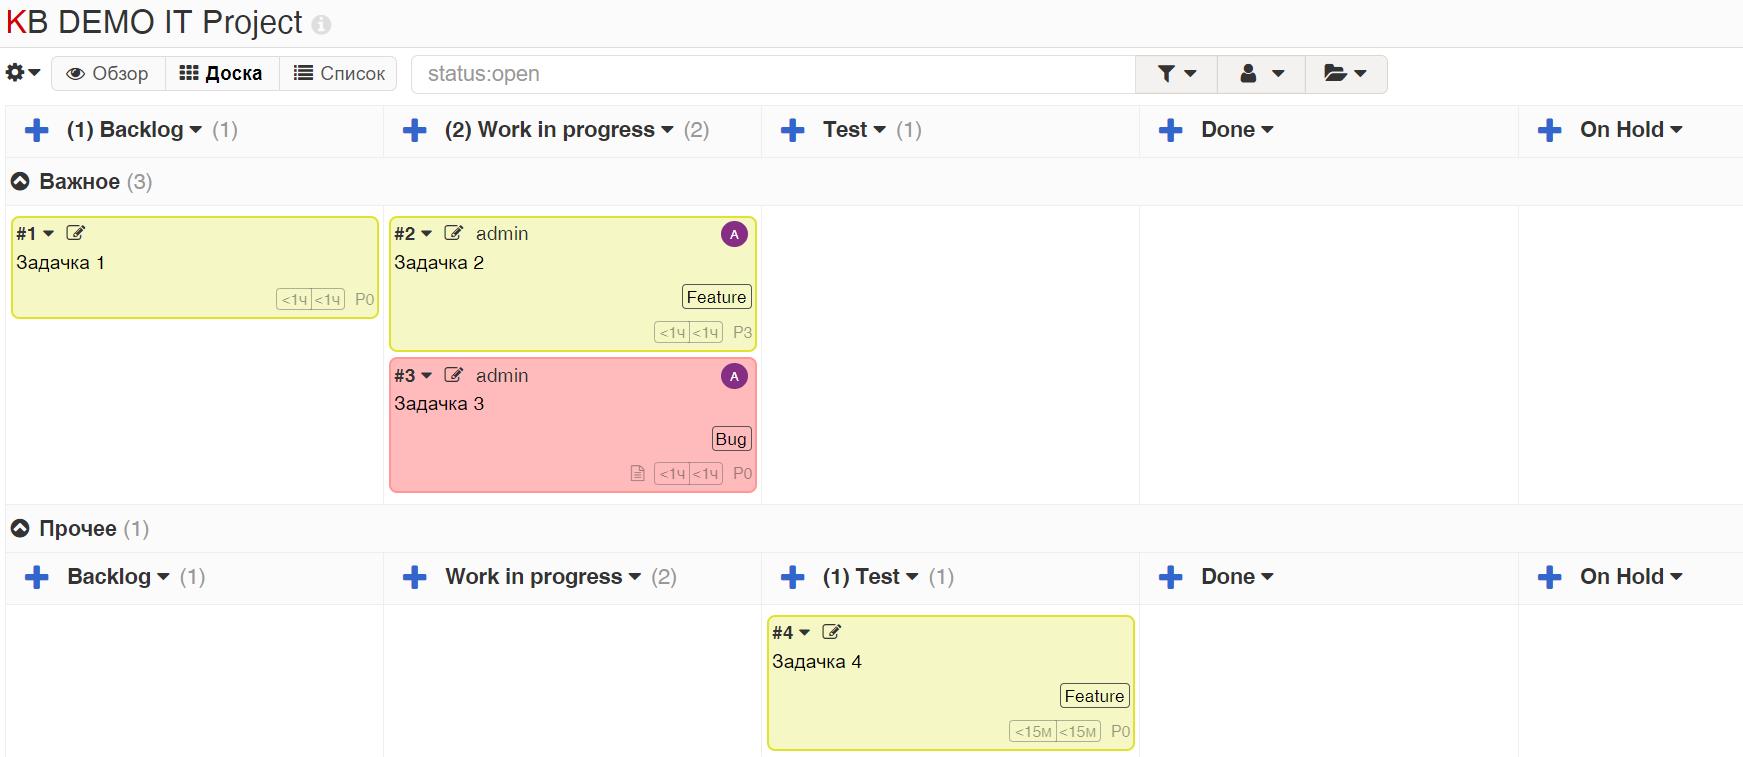 Kanboard  бесплатный инструмент для отслеживания задач с поддержкой Kanban